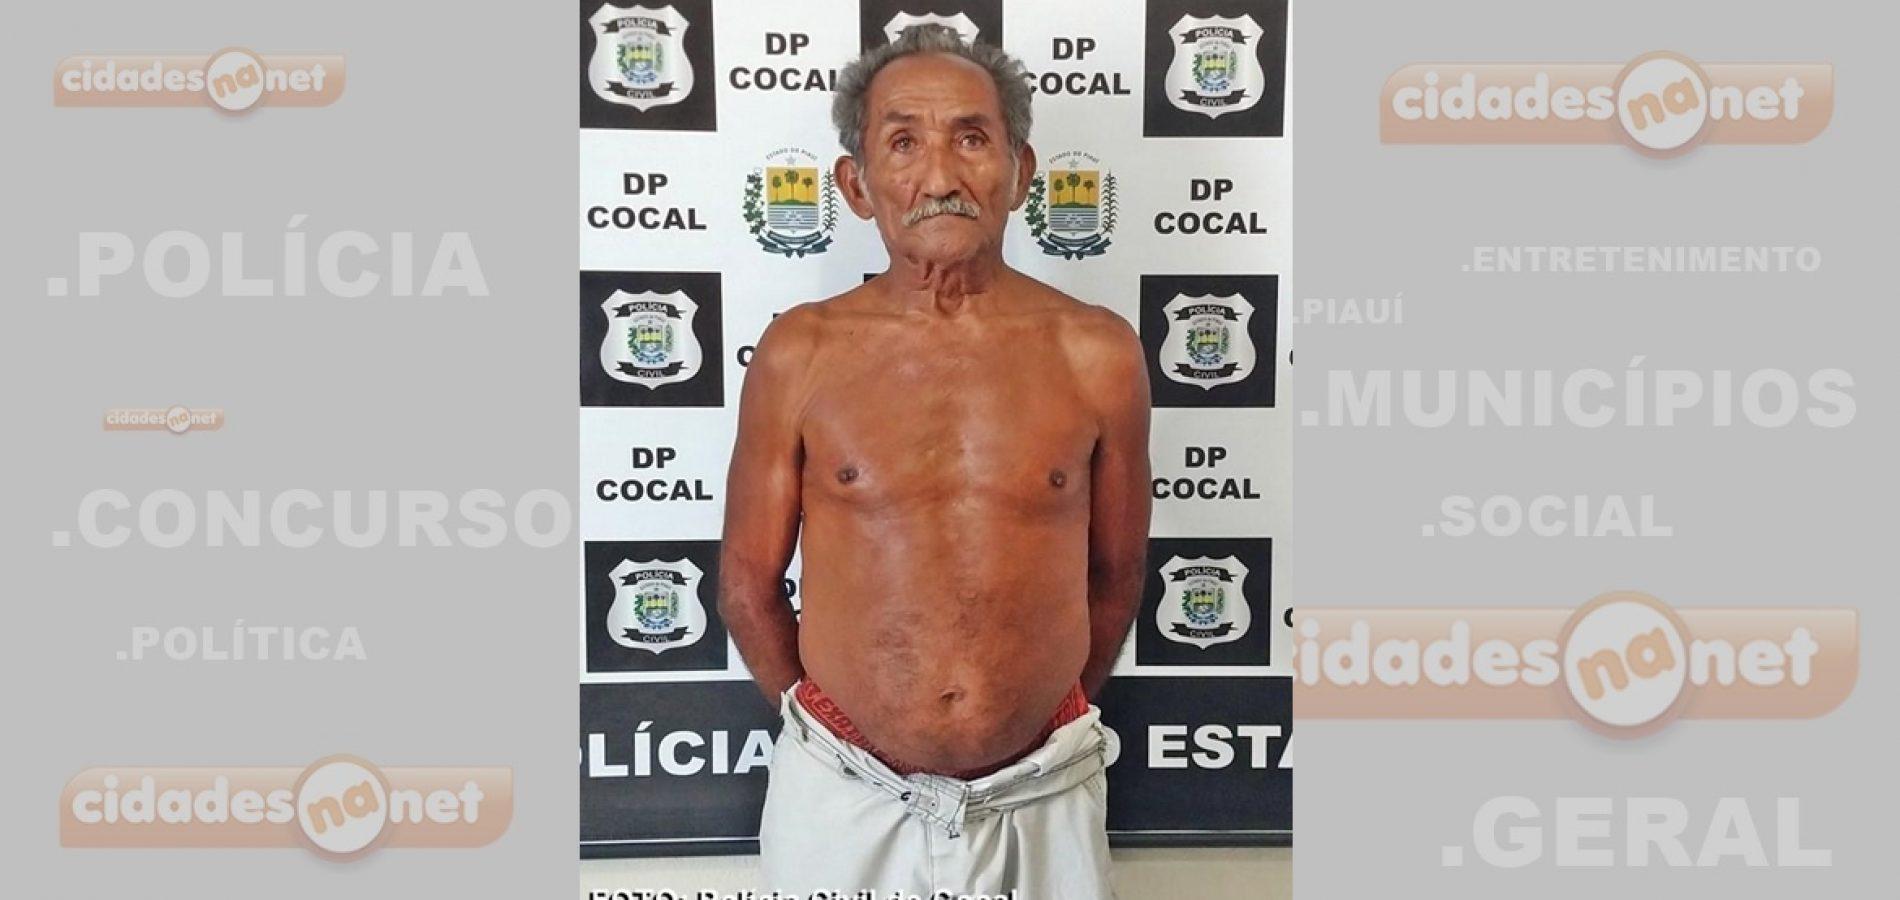 Polícia prende idoso acusado de abusar de duas bisnetas no Piauí